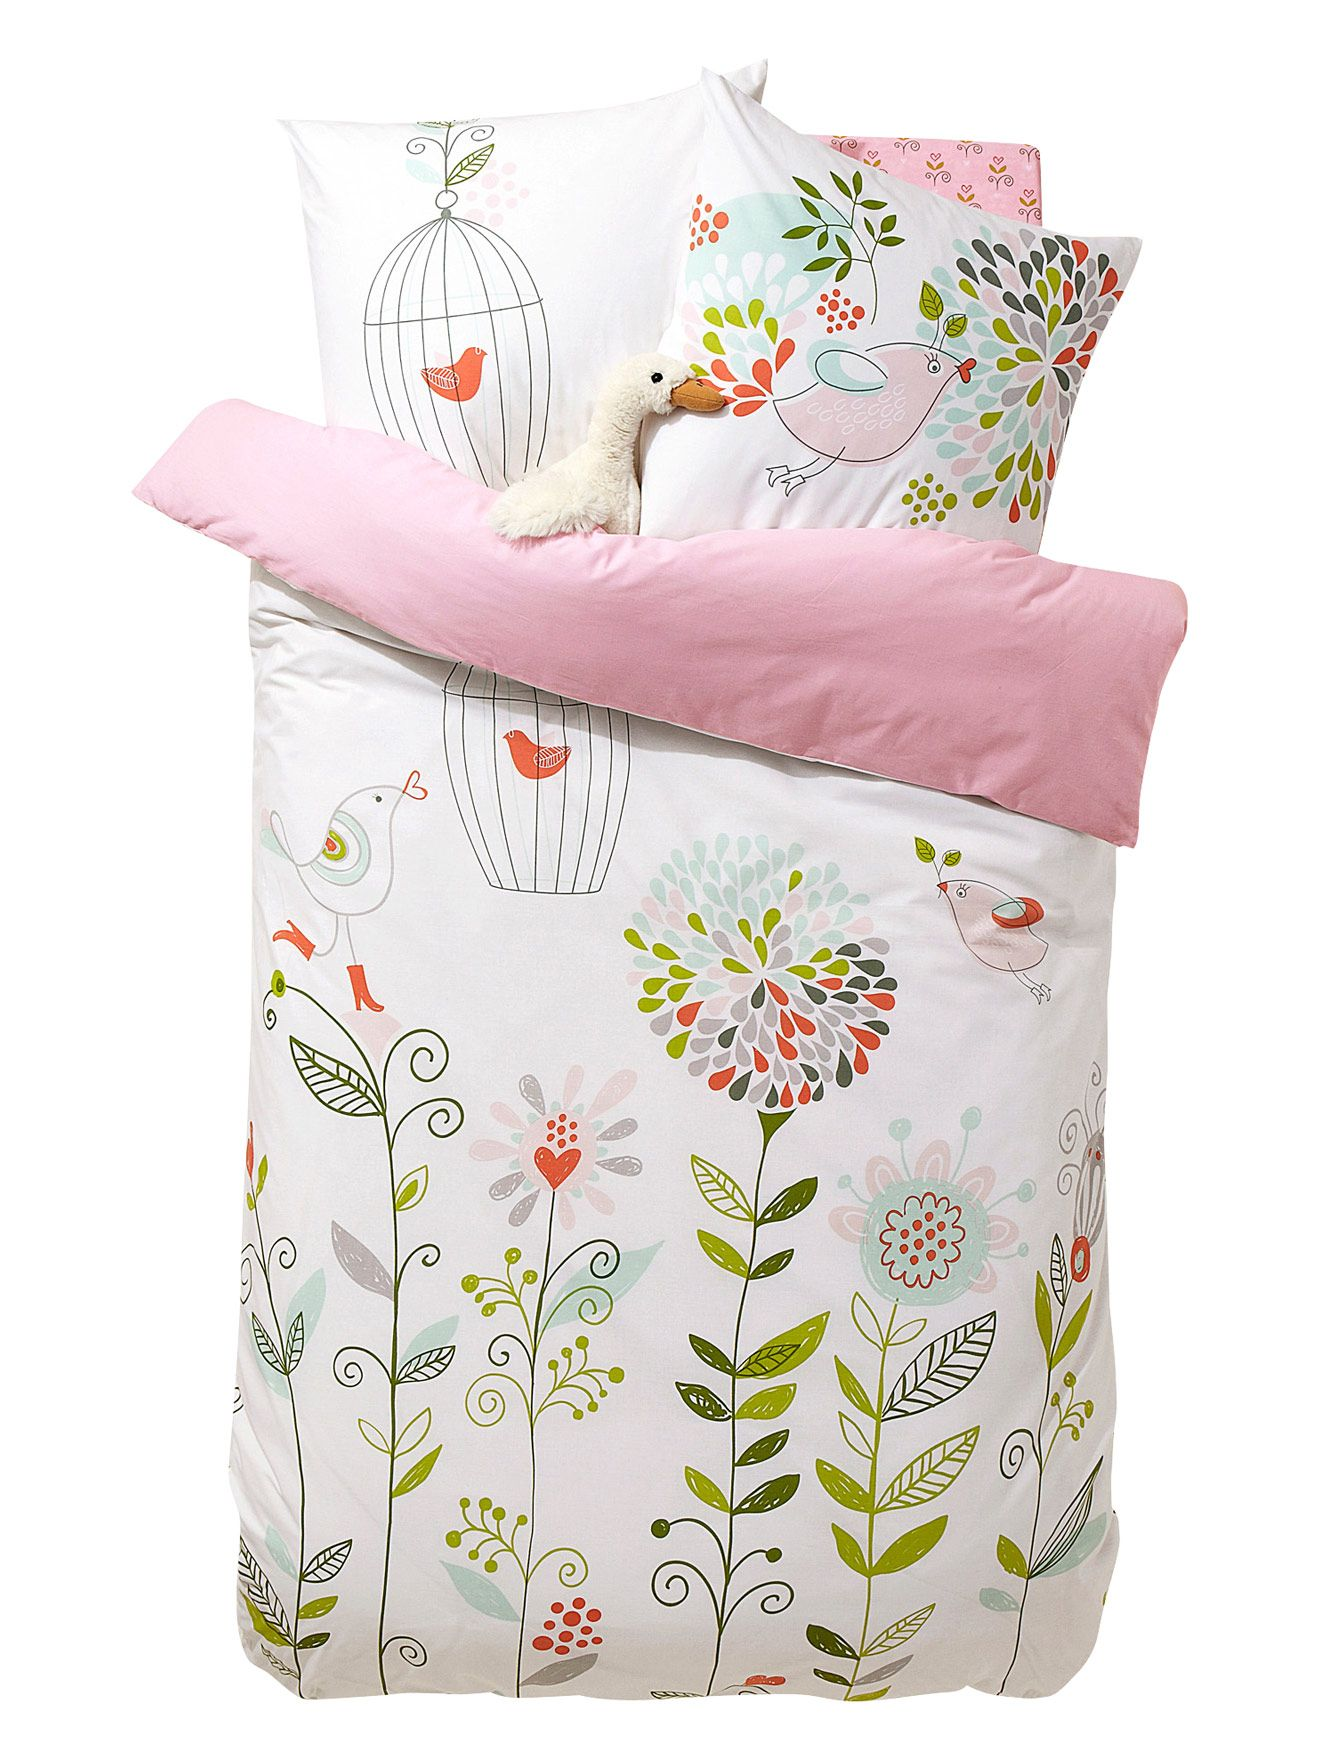 Kinder Bettwasche Set Riesenblumen Verbaudet Bettwasche Kinder